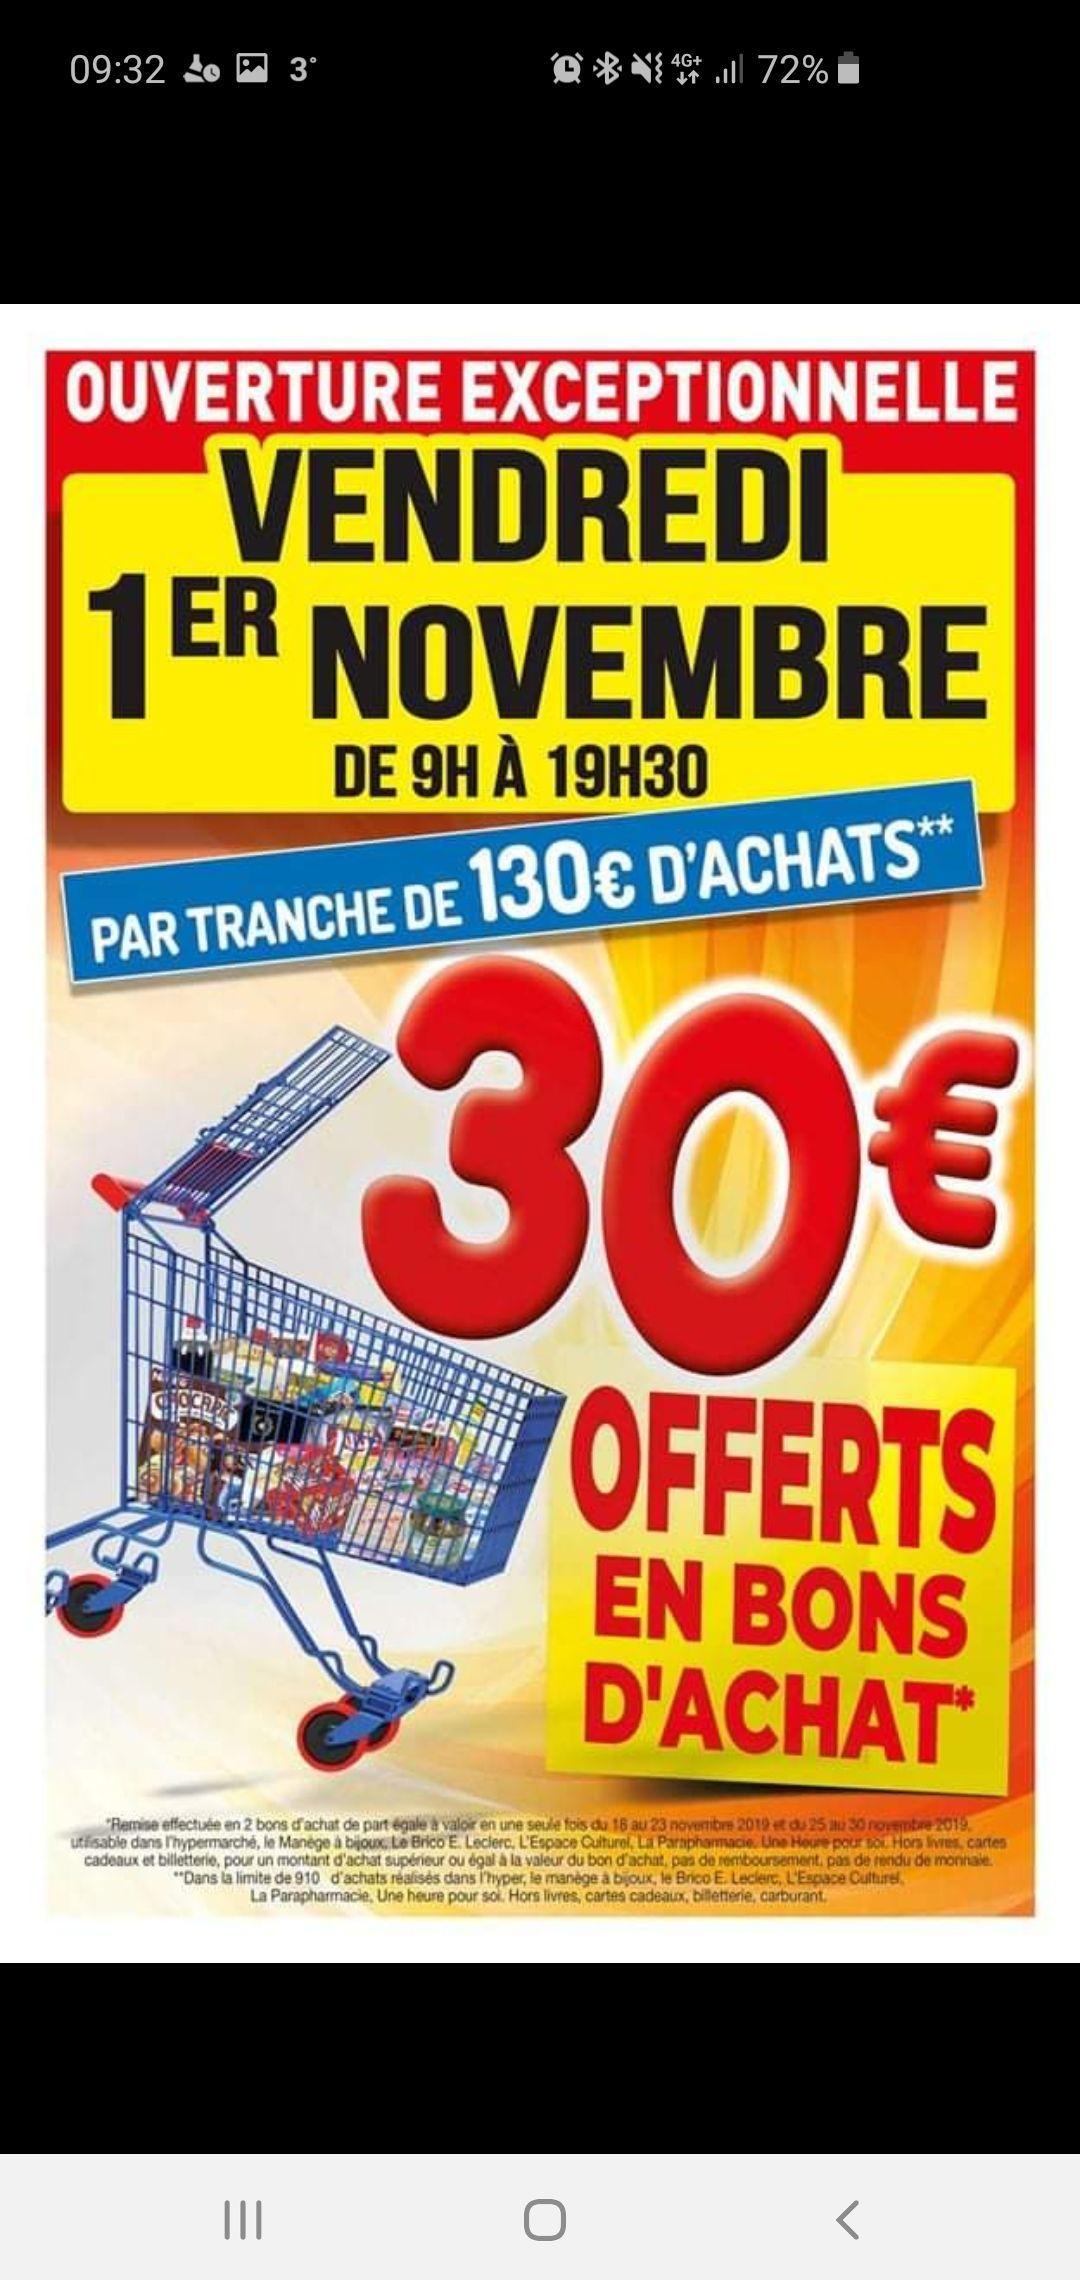 30€ offerts en 2 Bons d'achats par tranche de 130€ d'achats - Saint-Amand-les-Eaux (59)